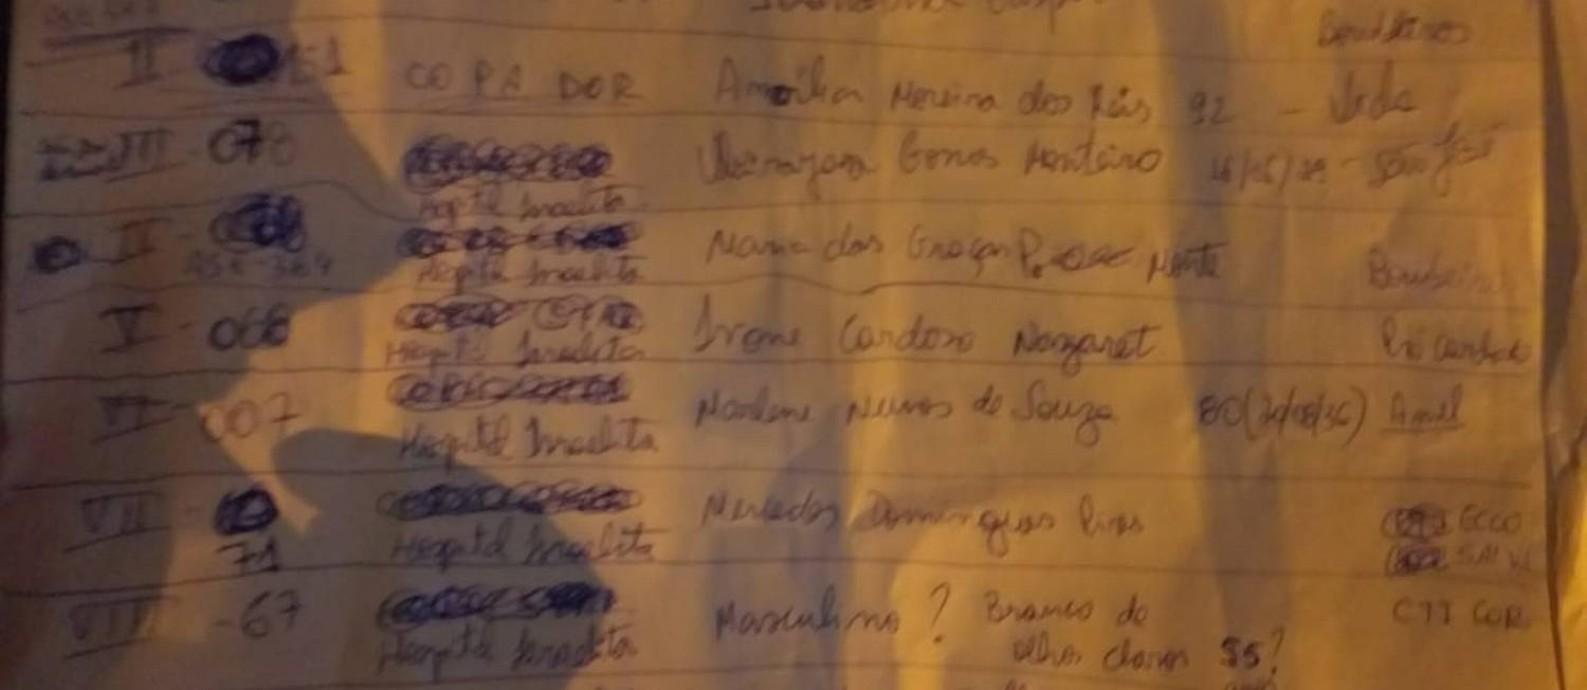 Lista se mostrou decisiva para que familiares localizassem pacientes após a tragédia Foto: Glauber José de Oliveira Amancio / Reprodução